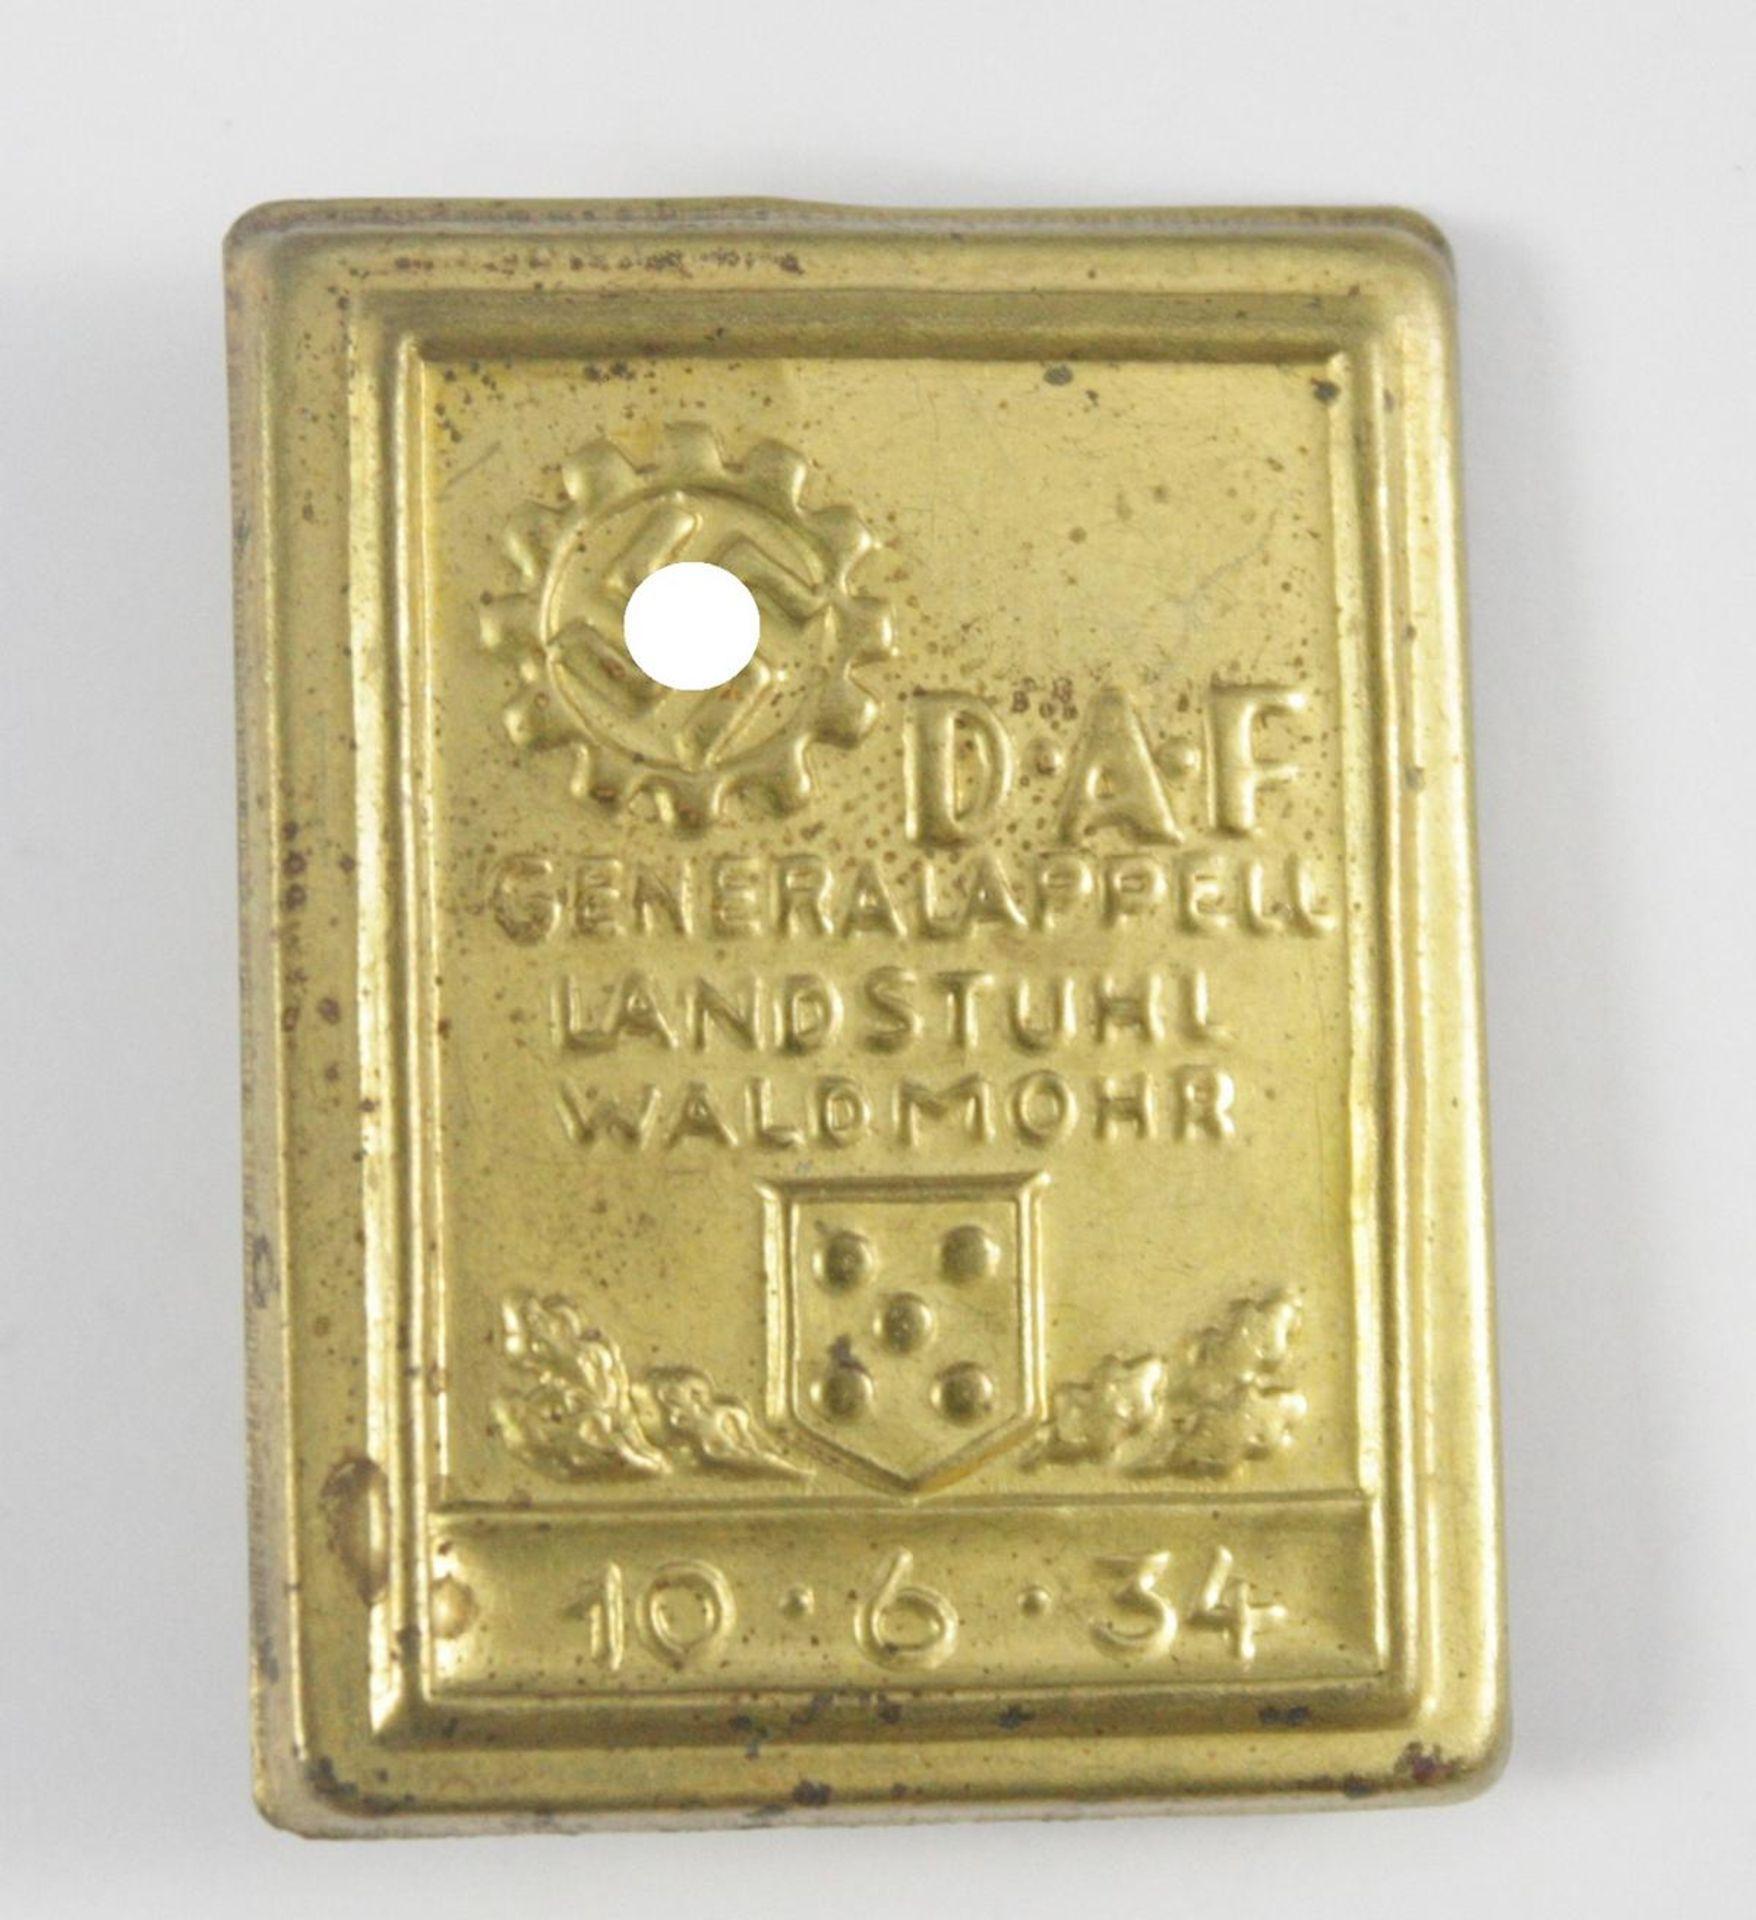 Abzeichen, DAF Generalappell Landstuhl-Waldmohr 1934